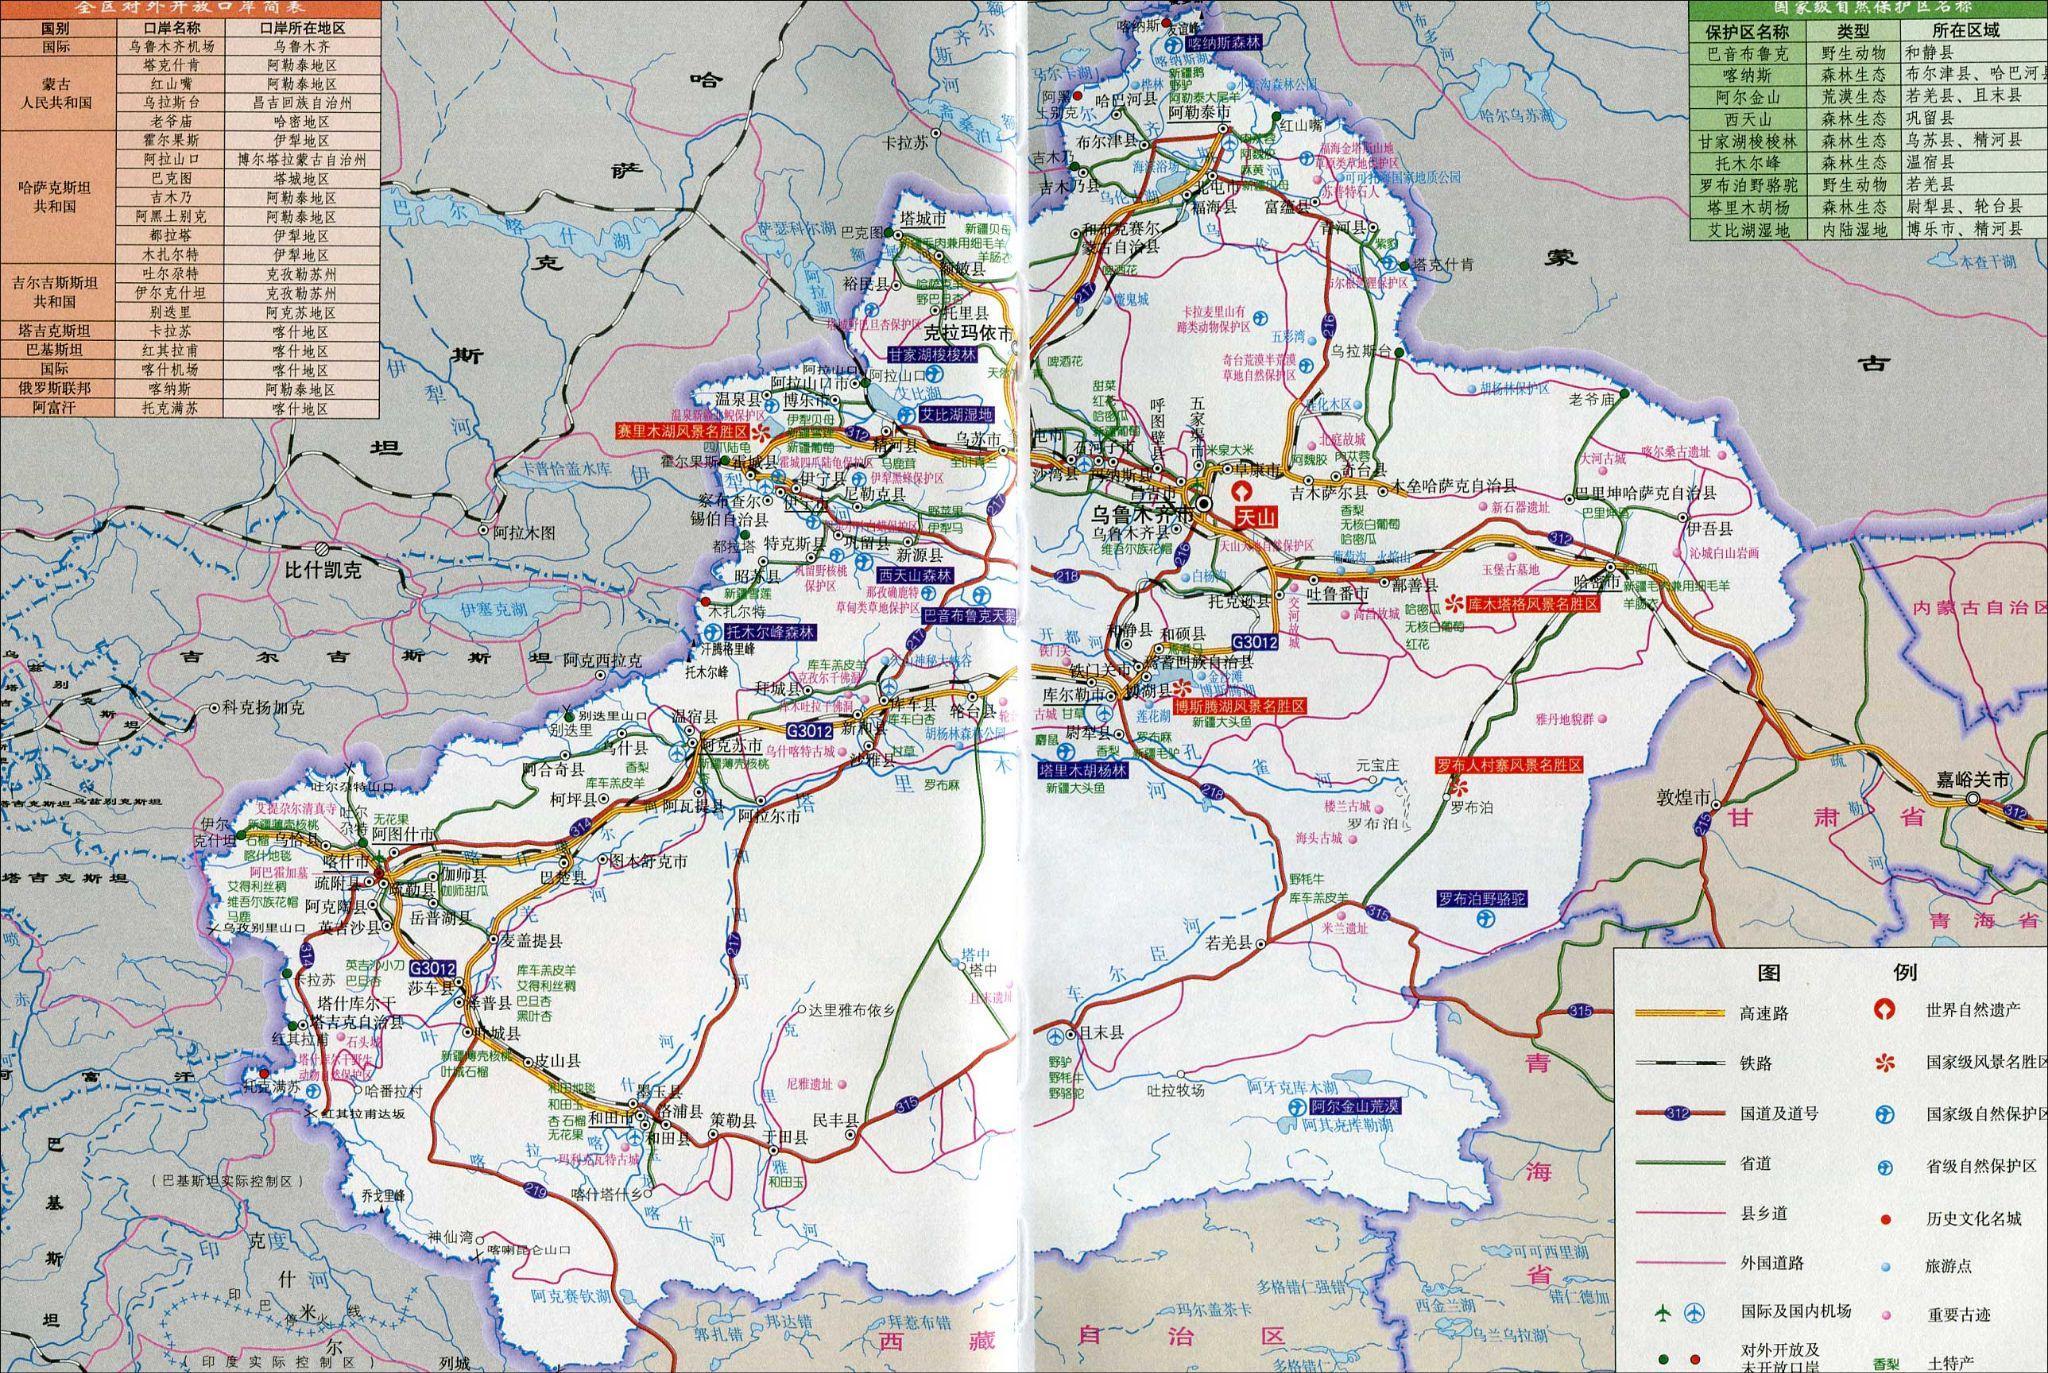 乌鲁木齐有多少人口_新疆唯一 乌鲁木齐入选国家 城市双修 试点,会给你的生活